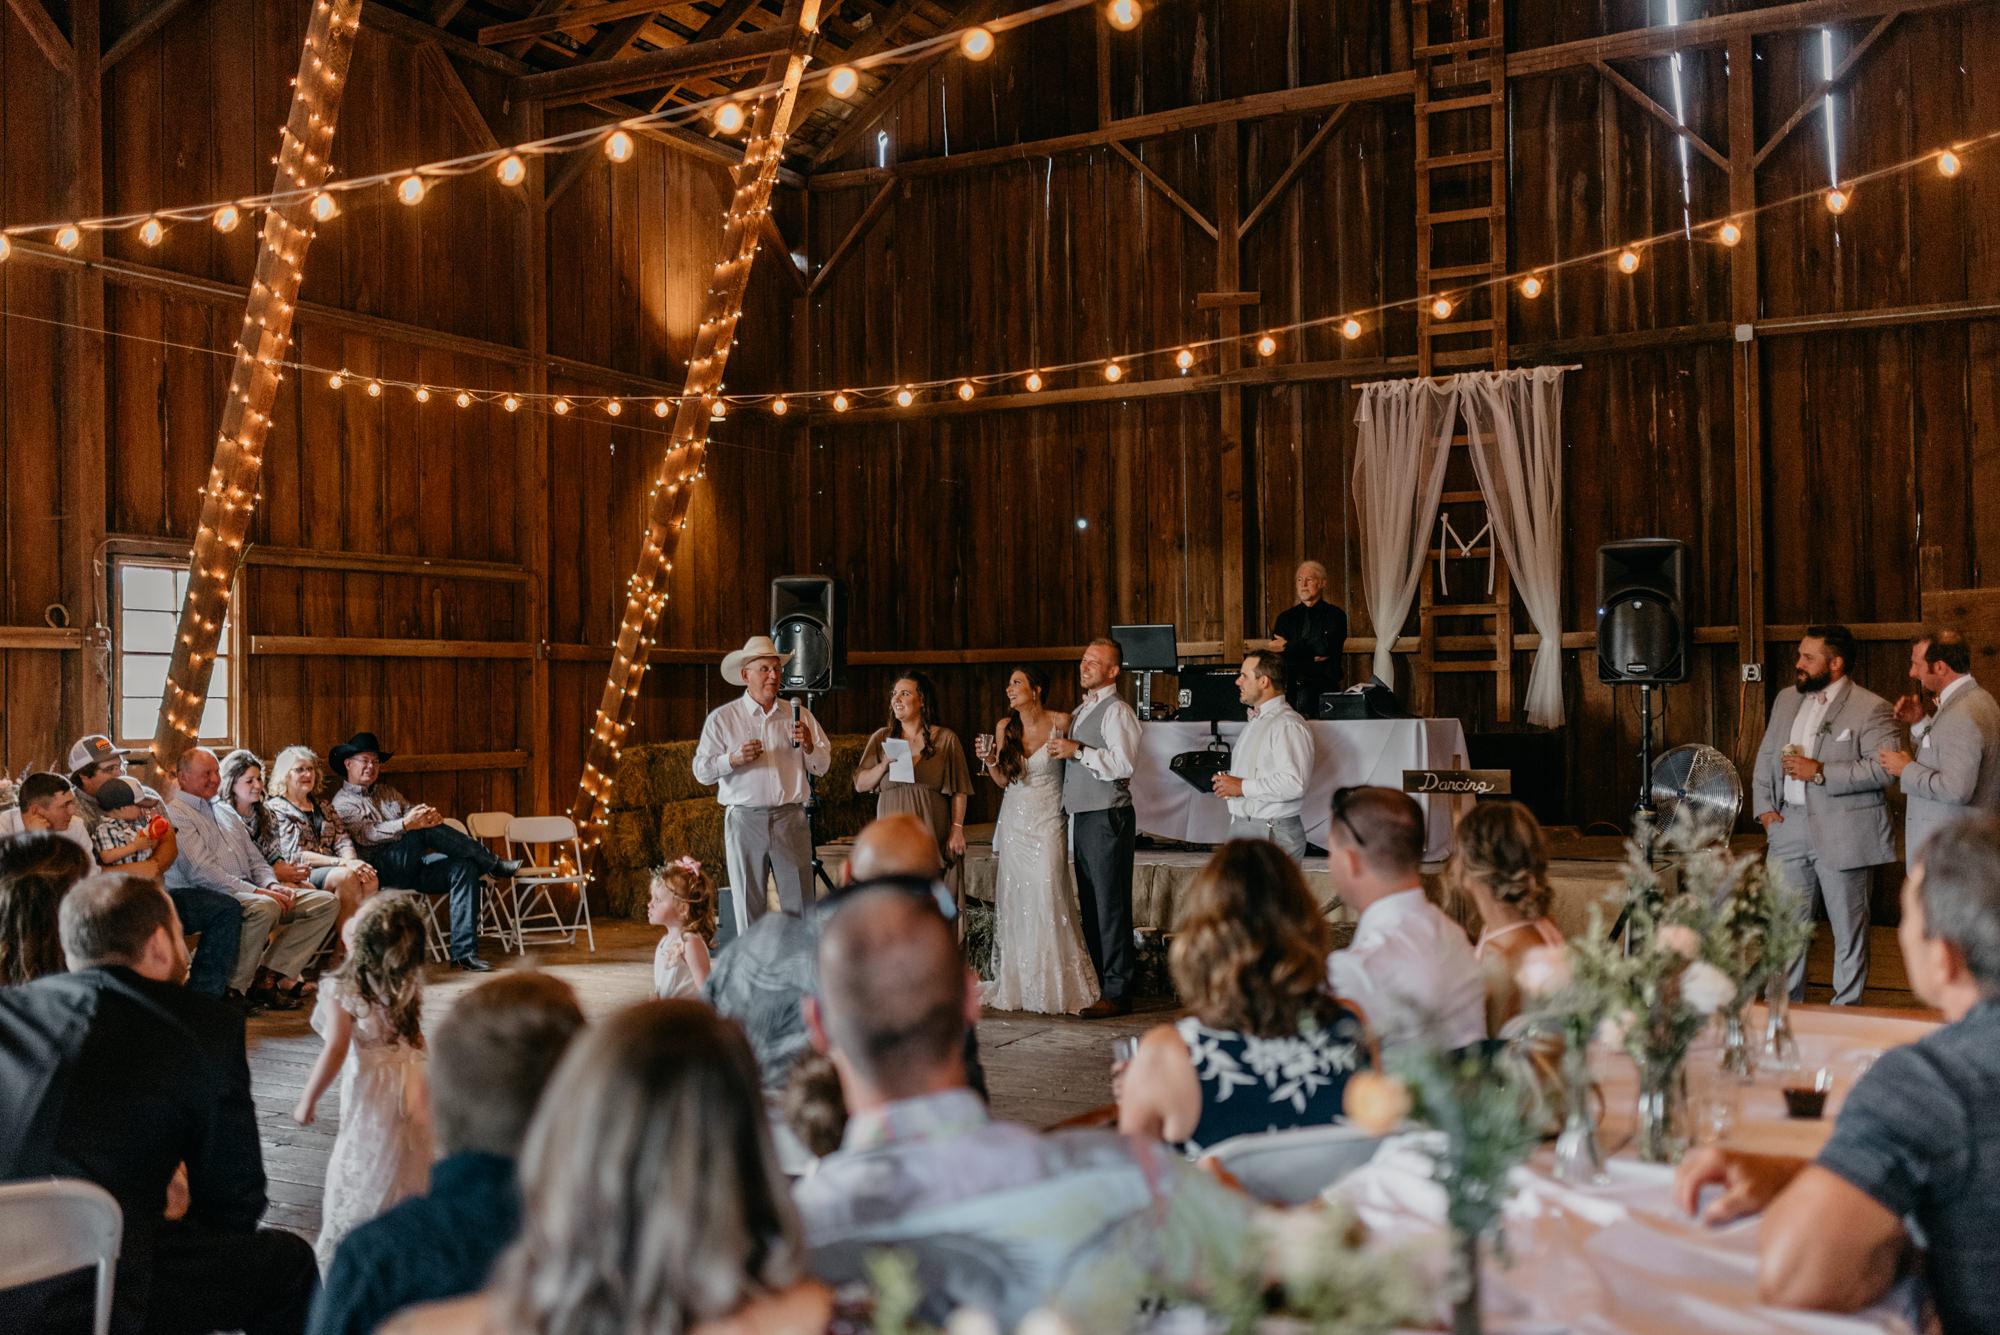 130-barn-kestrel-reception-portland-northwest.jpg